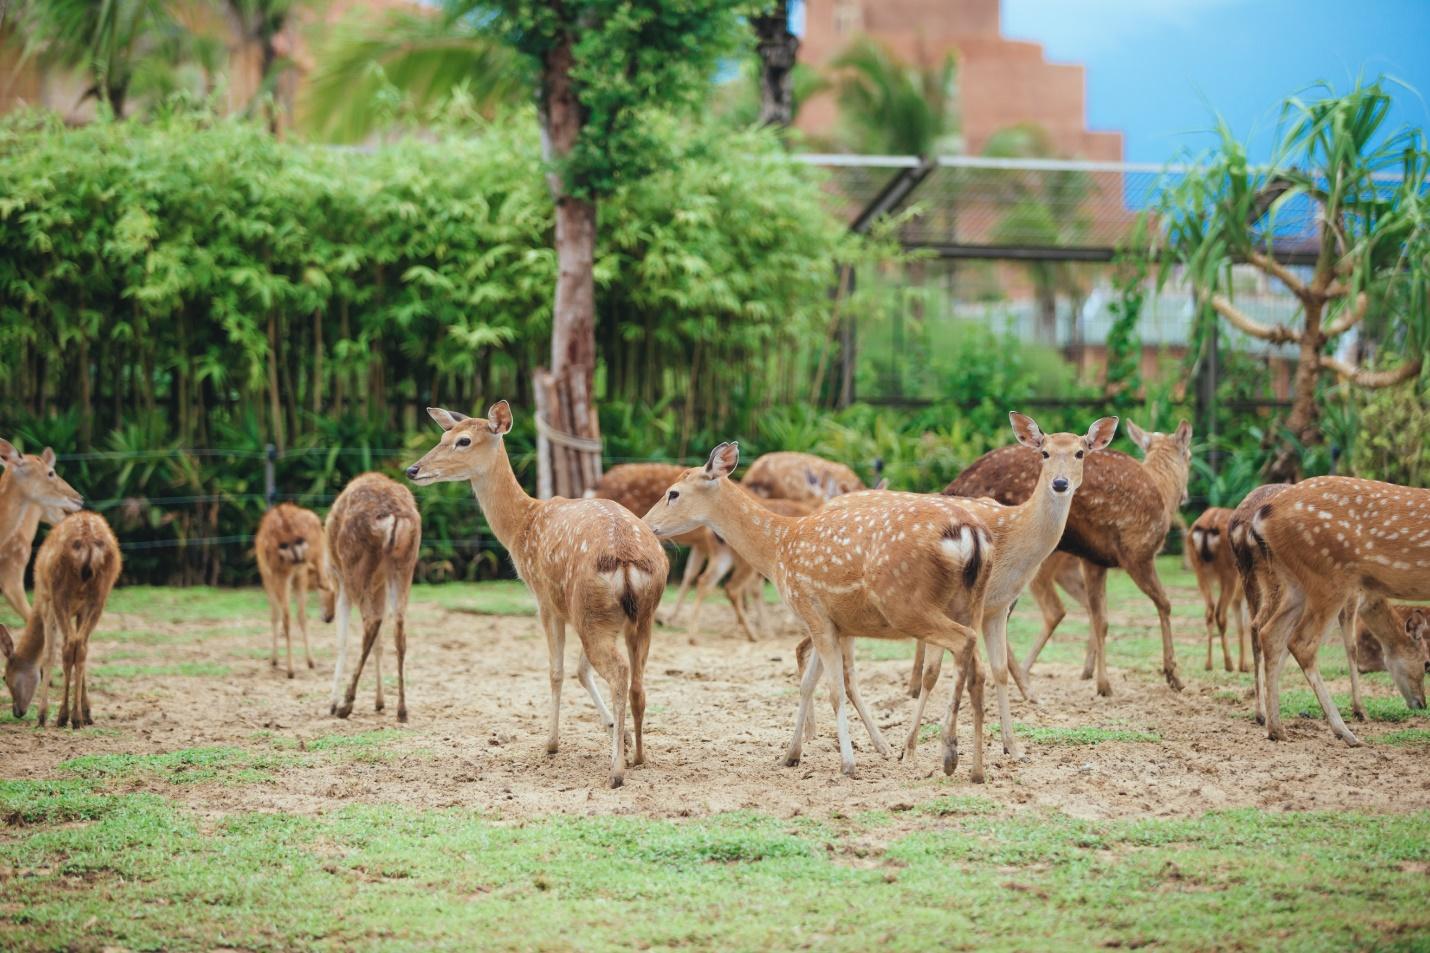 Một vòng khám phá River Safari - Công viên bảo tồn động vật hoang dã trên sông tại Hội An - Ảnh 10.